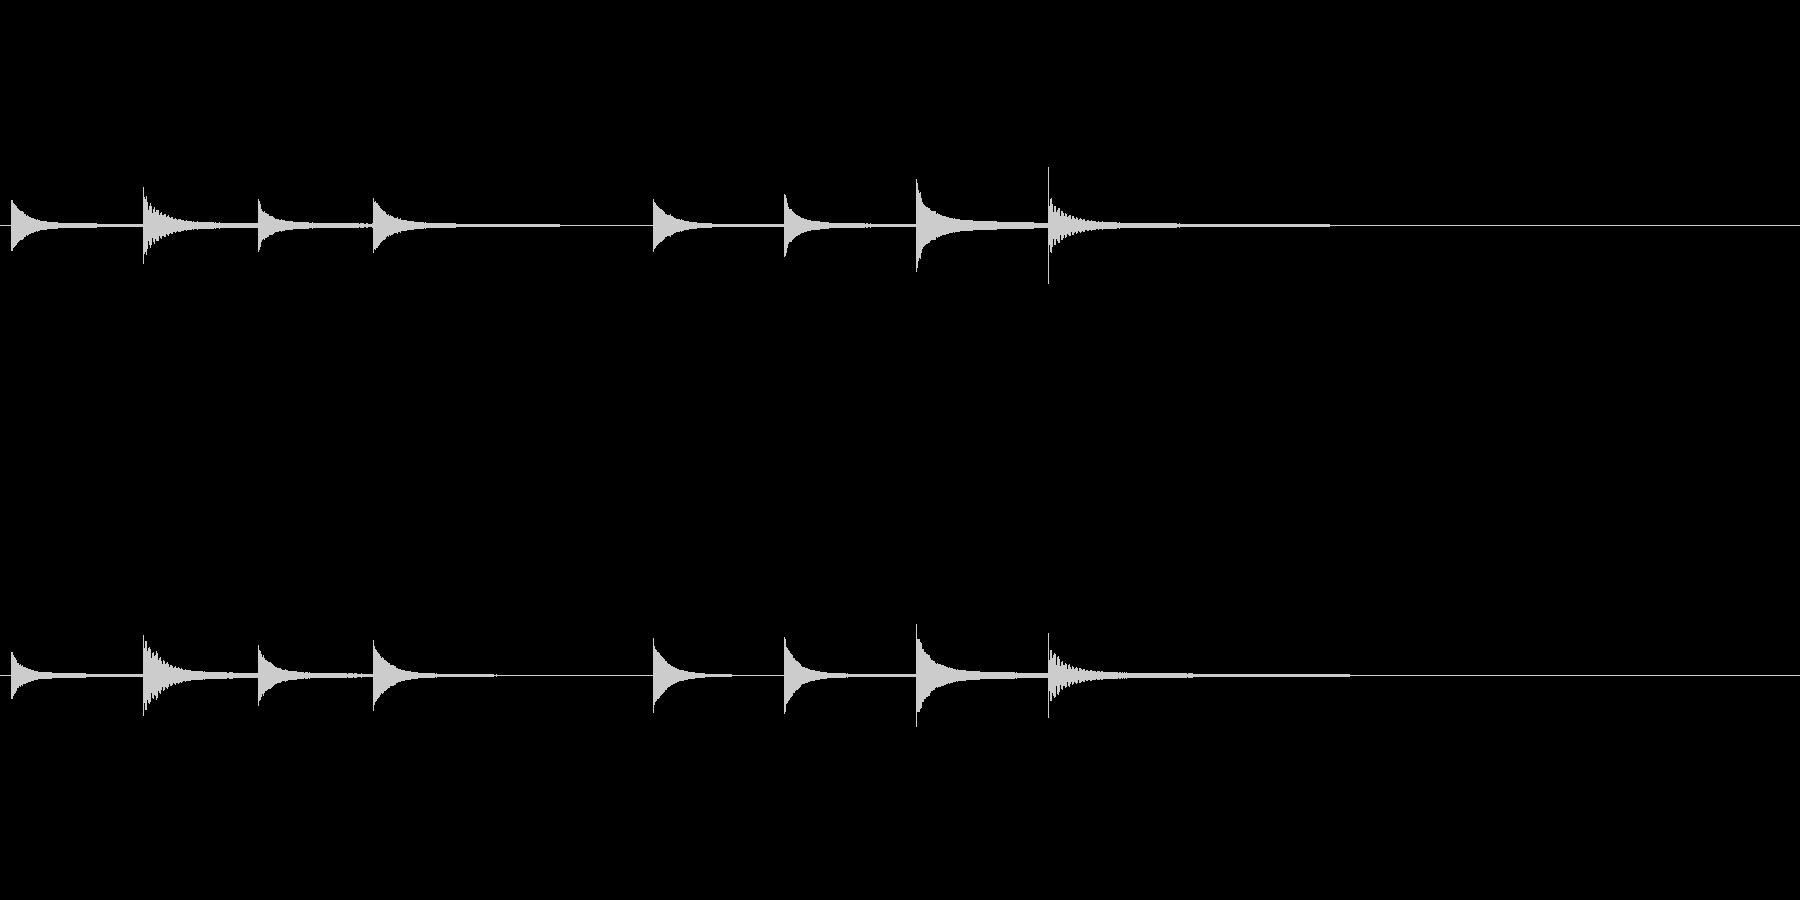 「キンコンカンコンコンキンコンカン」高めの未再生の波形